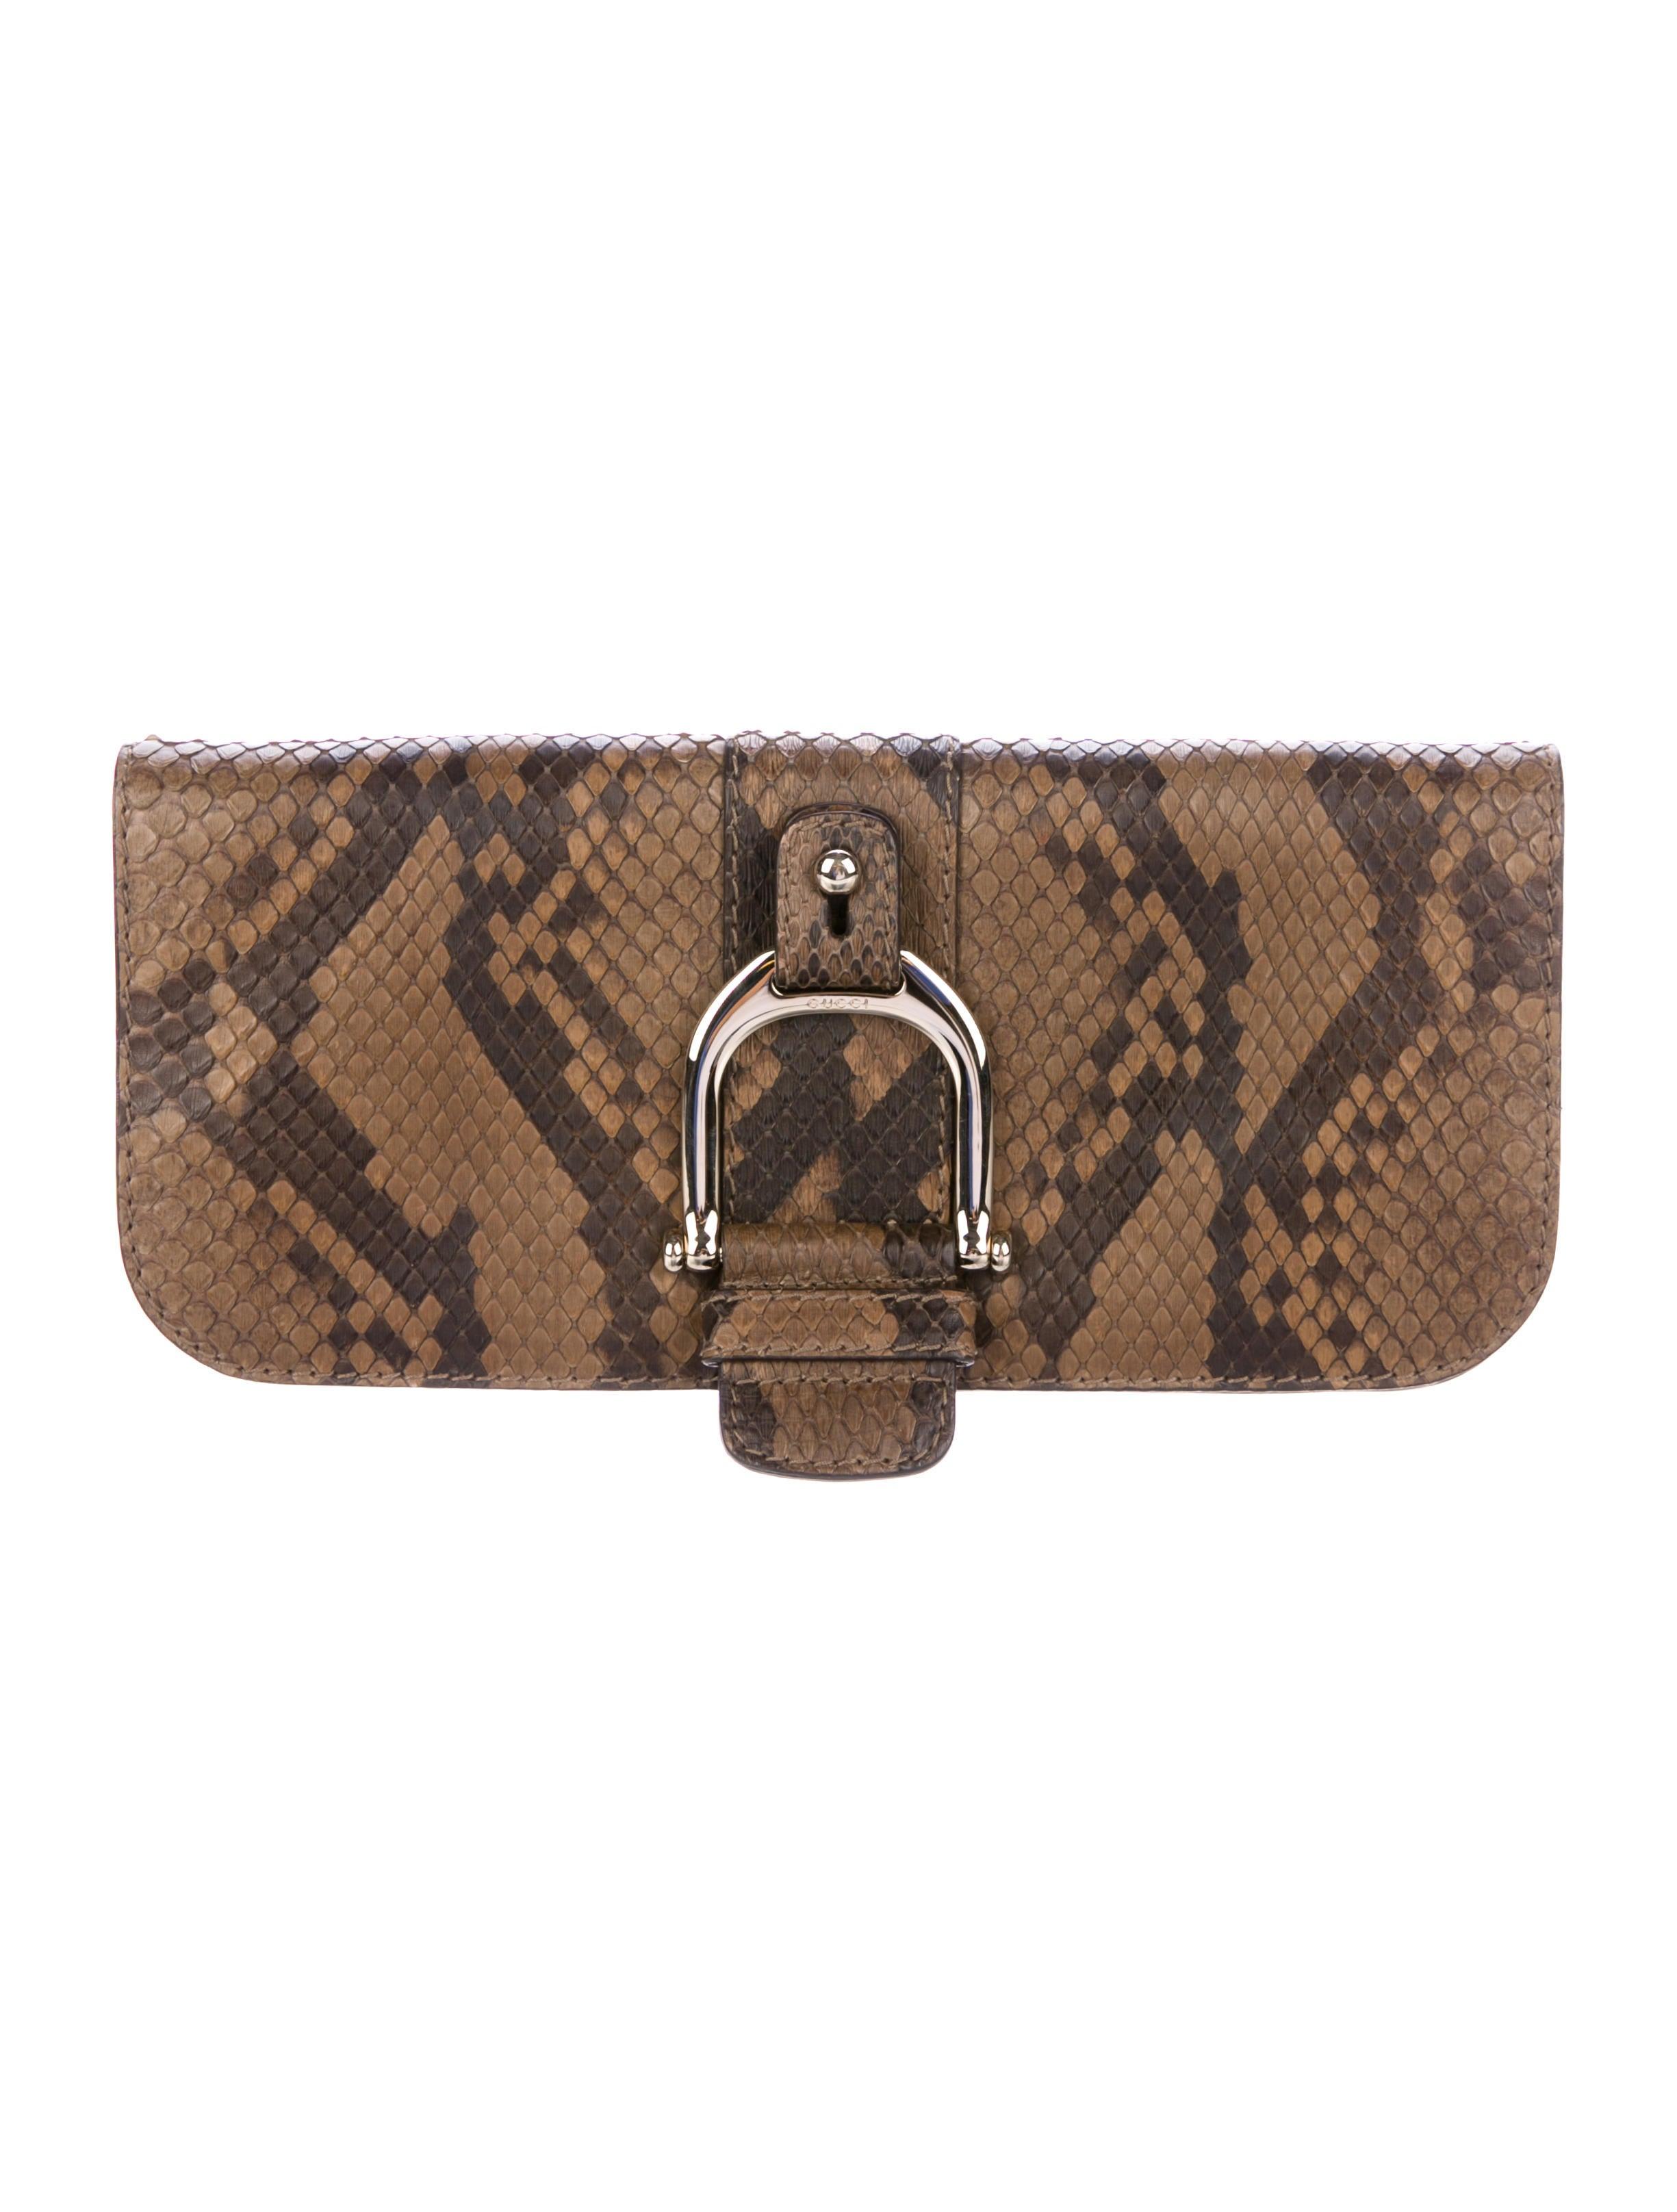 8e28964fda8cb2 Gucci Python Greenwich Clutch - Handbags - GUC217716 | The RealReal